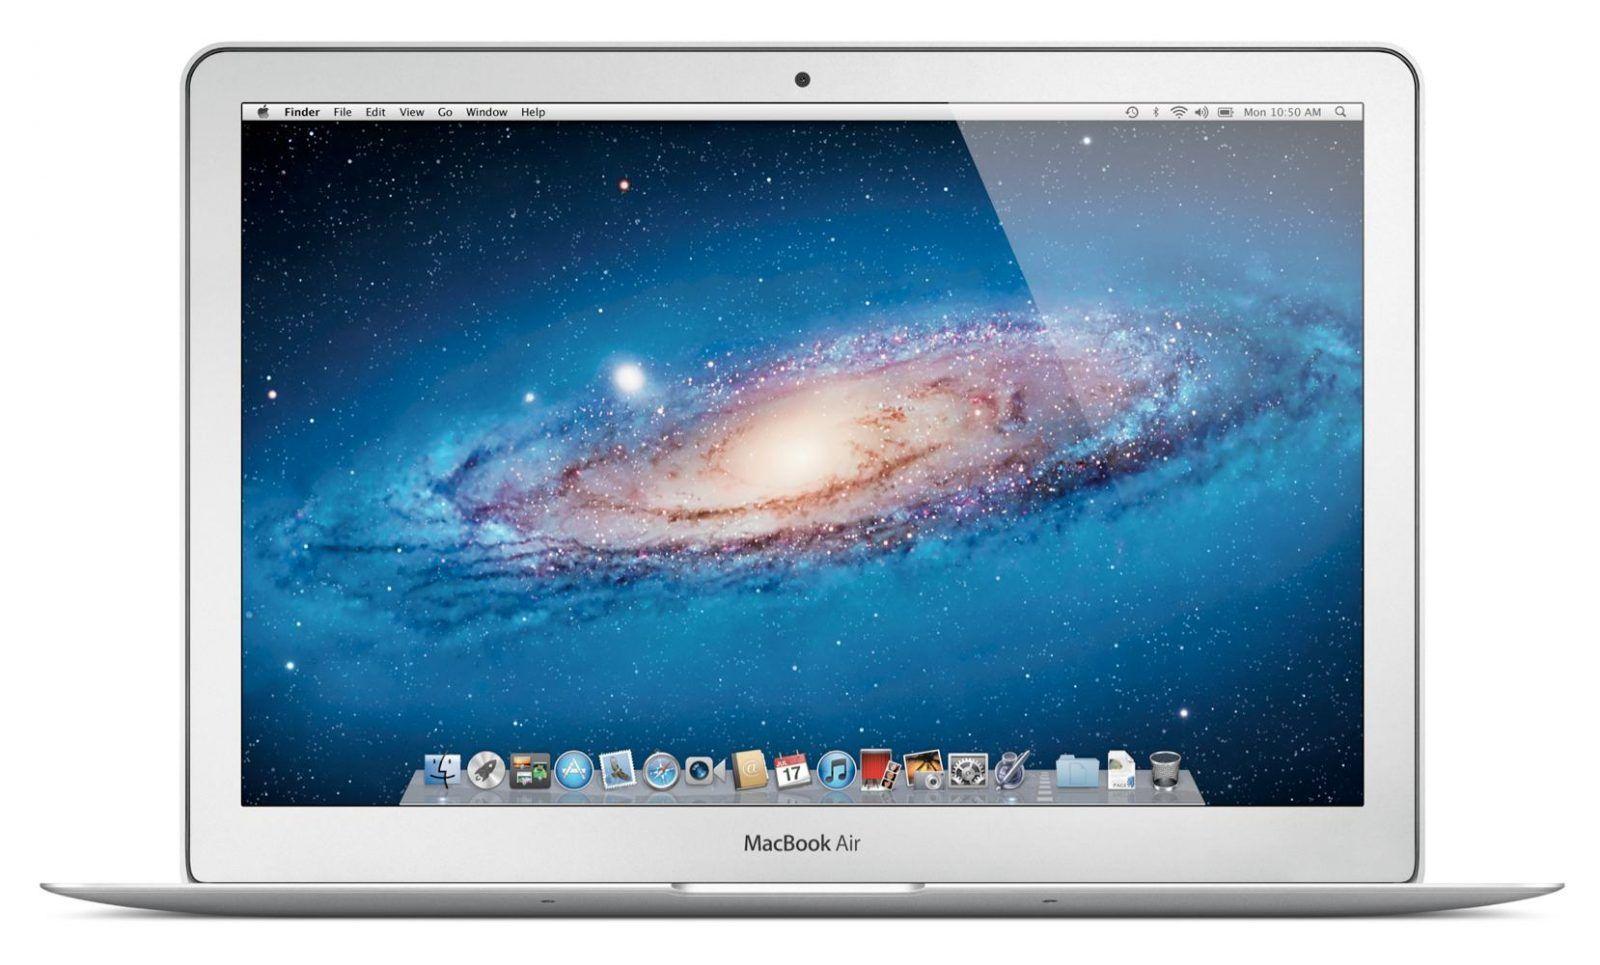 Macbook Air. Całkiem nowa konstrukcja w 2014 roku